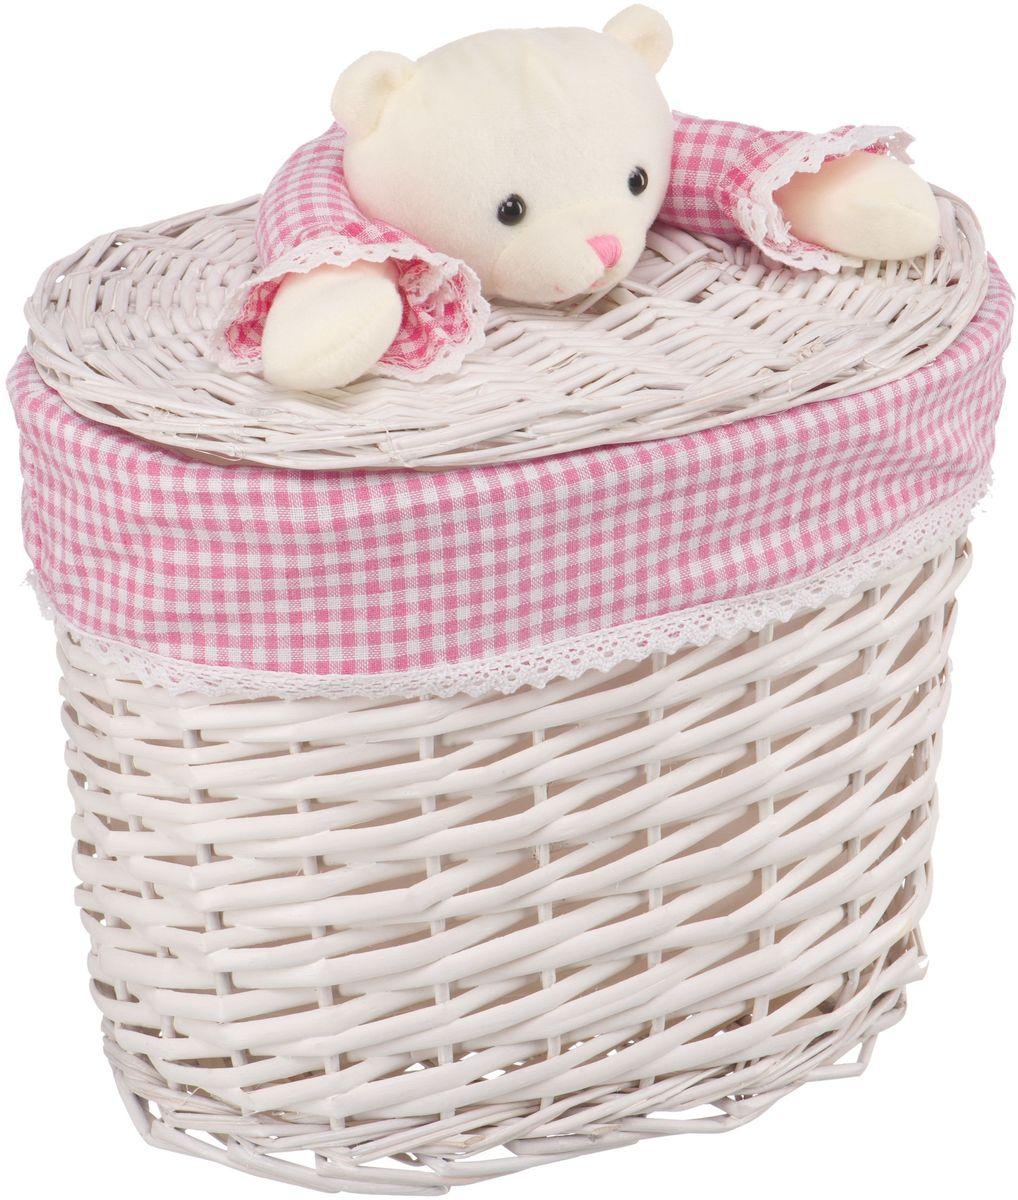 Корзина для белья Natural House Медвежонок, цвет: молочный, розовый, 33 x 21 x 28 смEW-34 SБельевая корзина Natural House с игрушкой Медвежонок отлично подойдет для детской. Корзина с мягкой игрушкой способна оживить обстановку и создать атмосферу добра и благополучия в любом помещении. В корзине легко и удобно хранить игрушки, белье и другие предметы.